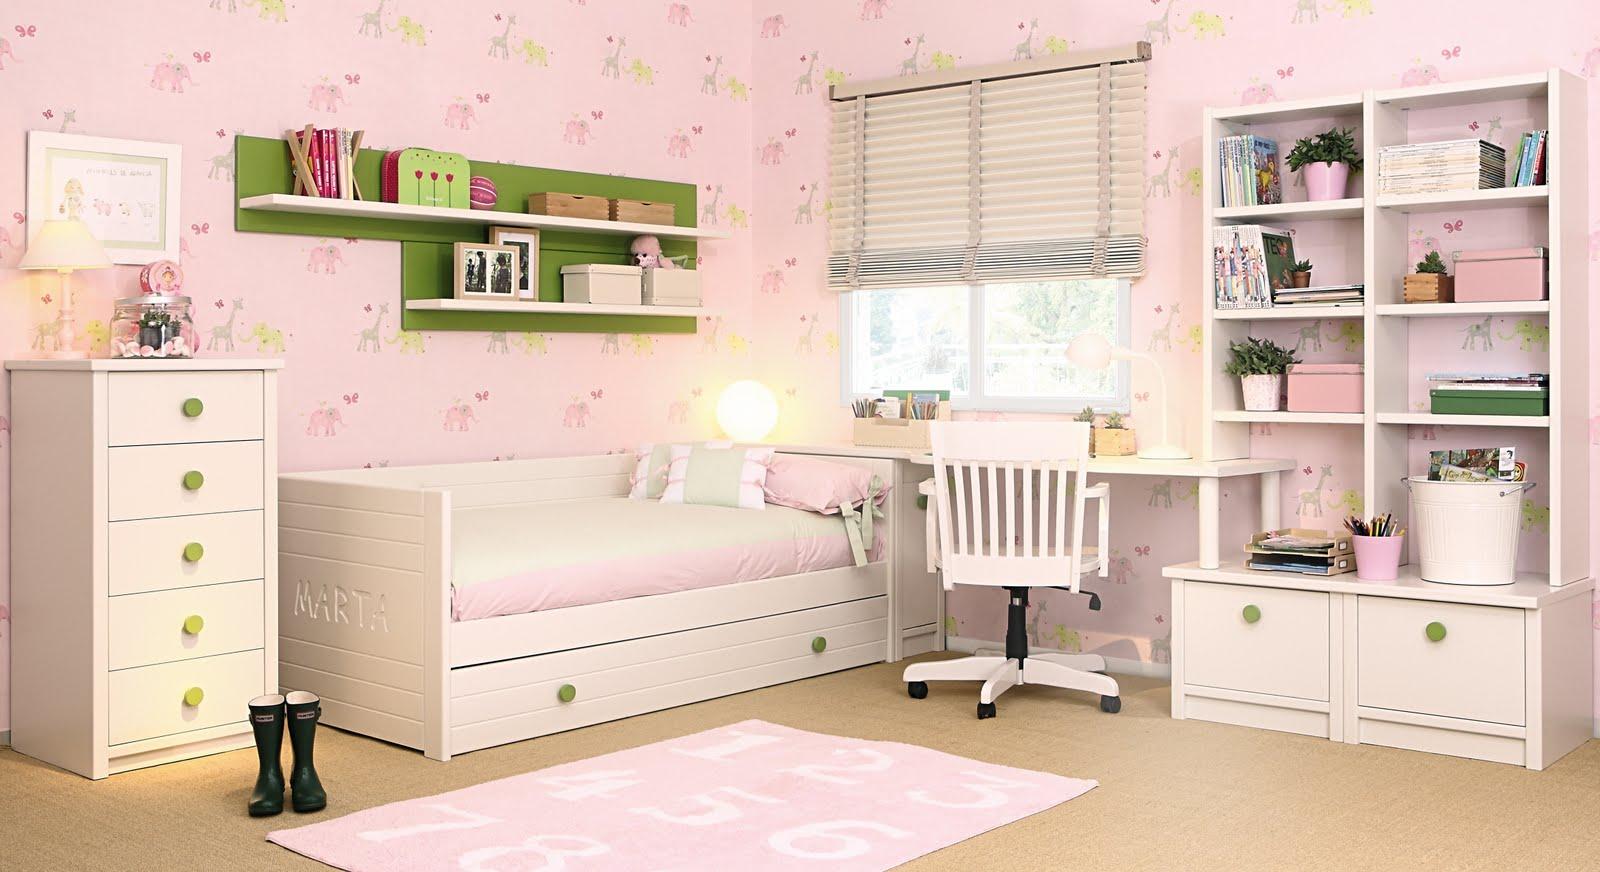 Dormitorios mediterraneo asoral - El mueble habitaciones infantiles ...